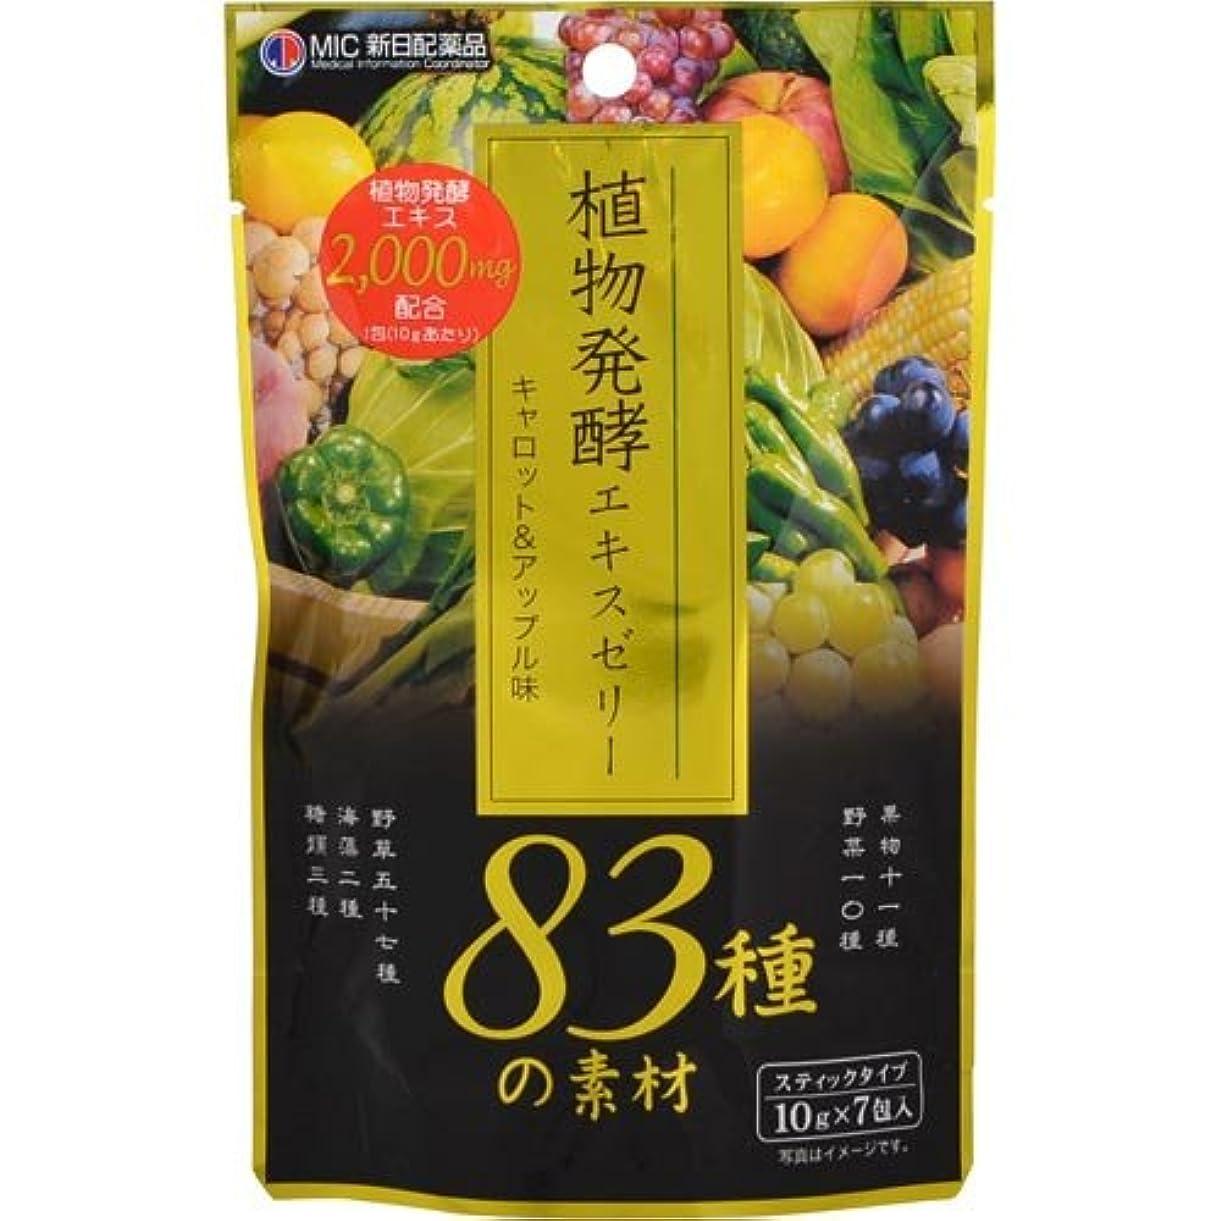 蒸留熟読する怠けた植物醗酵エキスゼリー キャロット&アップル味 10g×7包